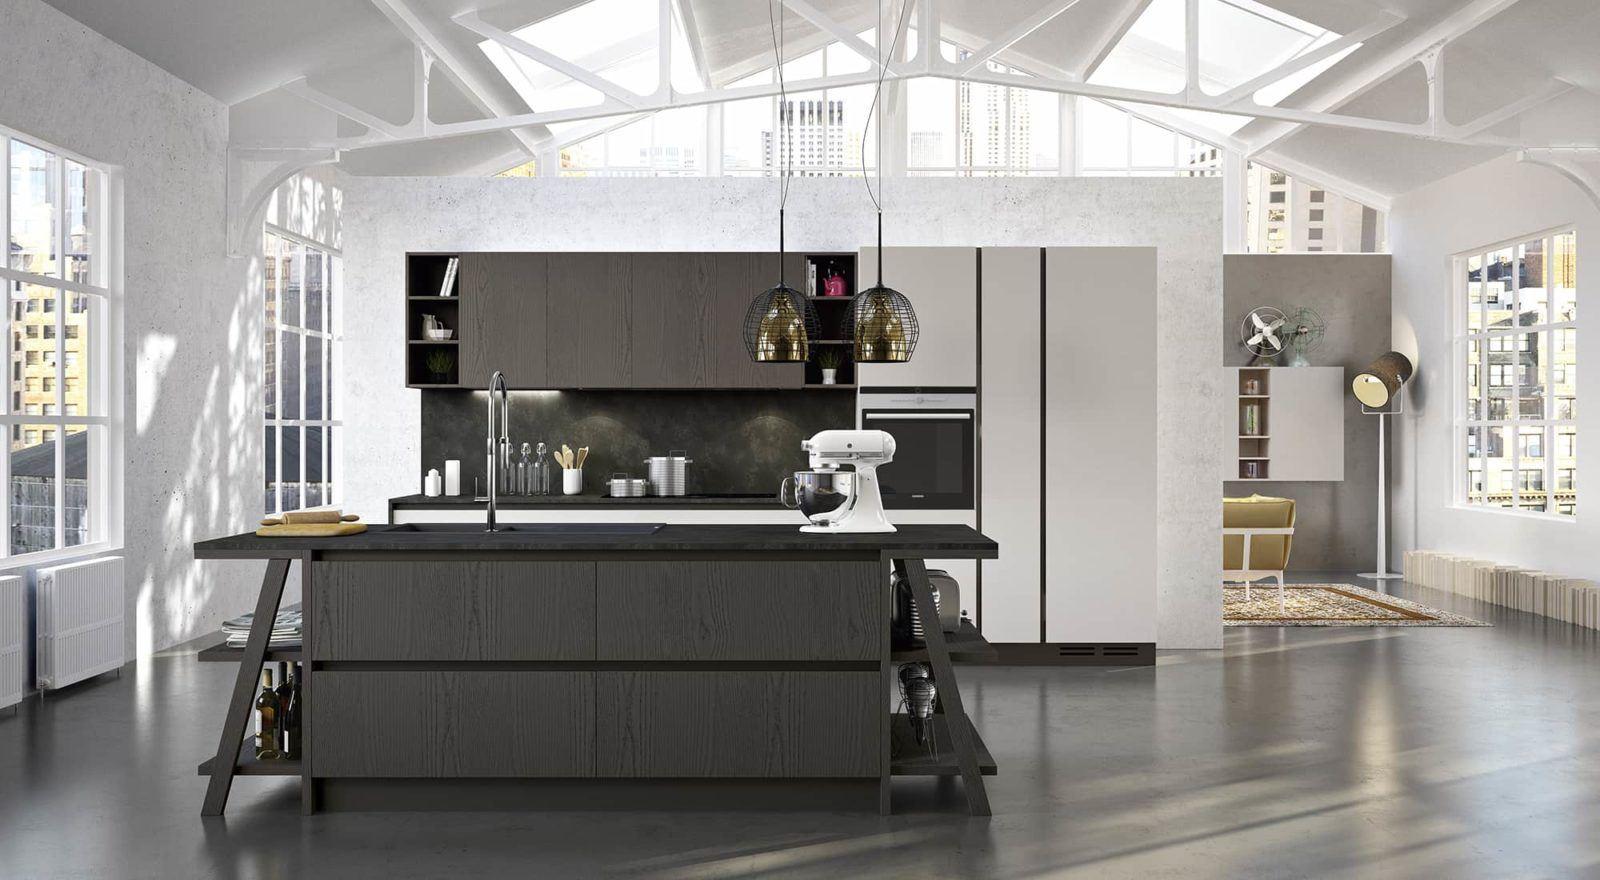 Cucina moderna con isola arredamenti meneghello - Cucina moderna con isola ...